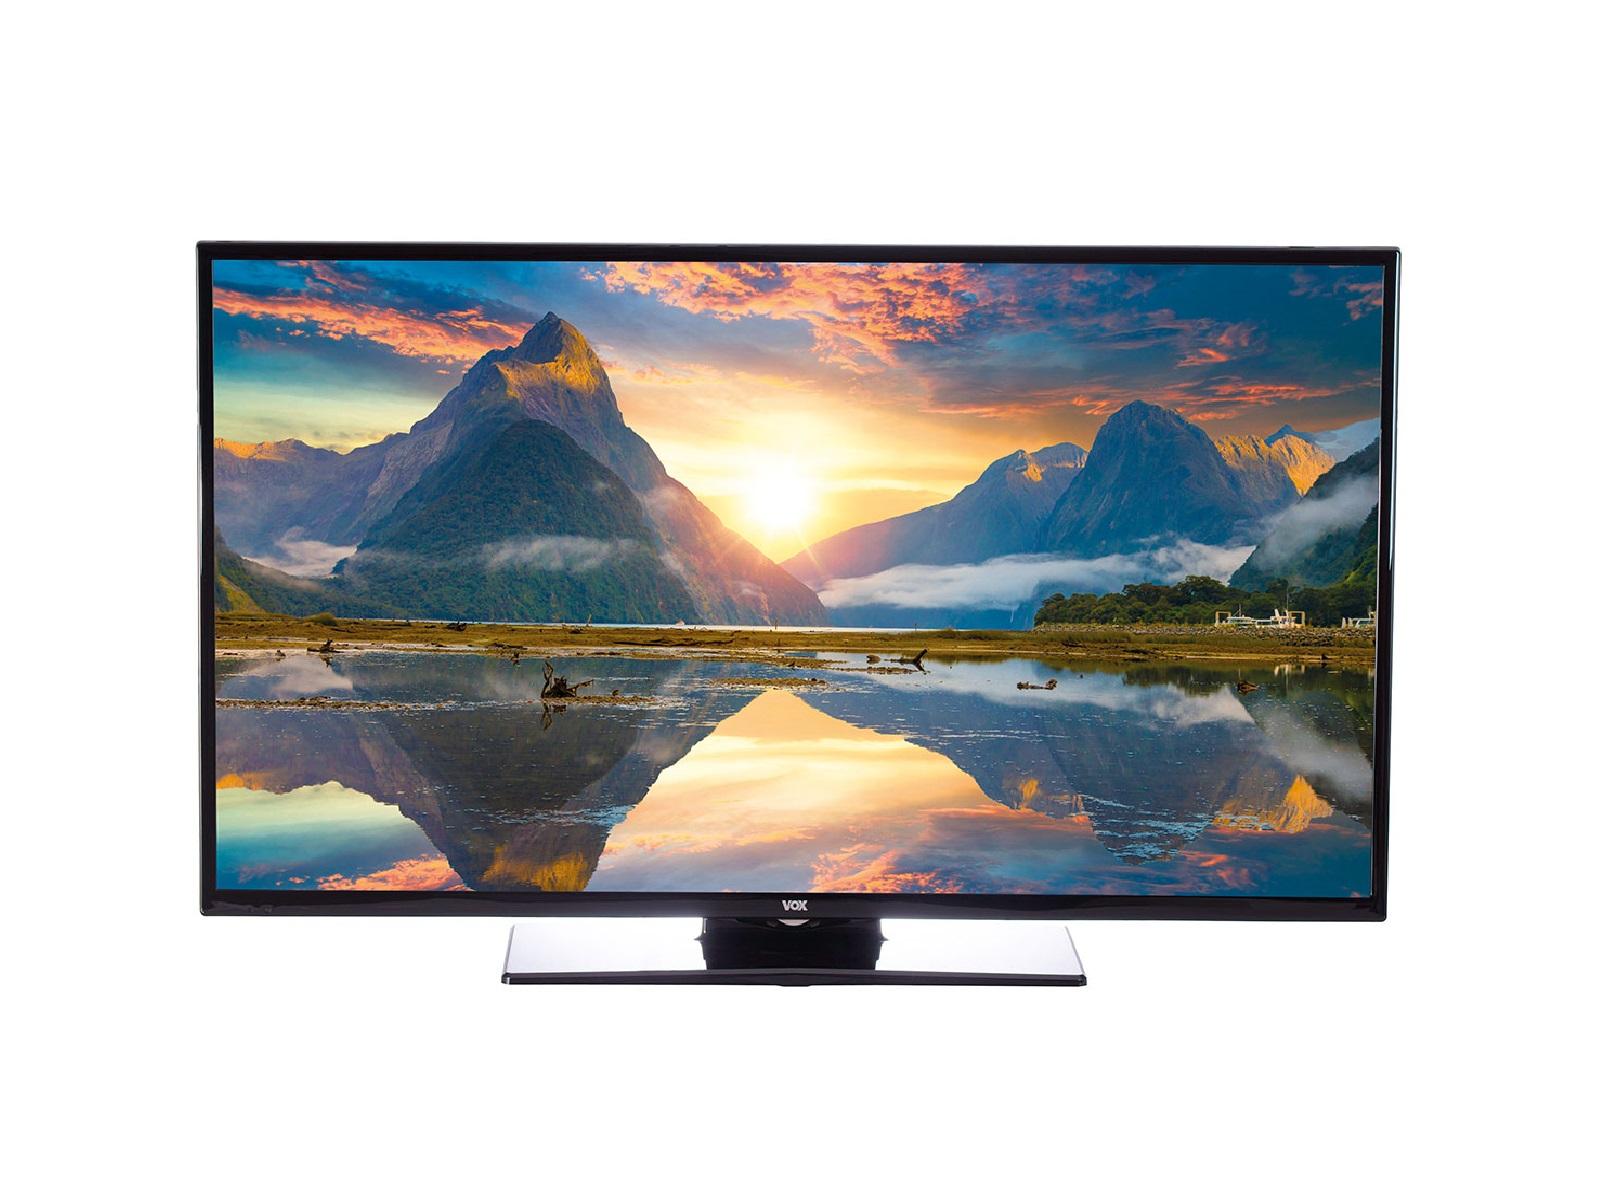 Vox Smart LED TV 50DSW289B